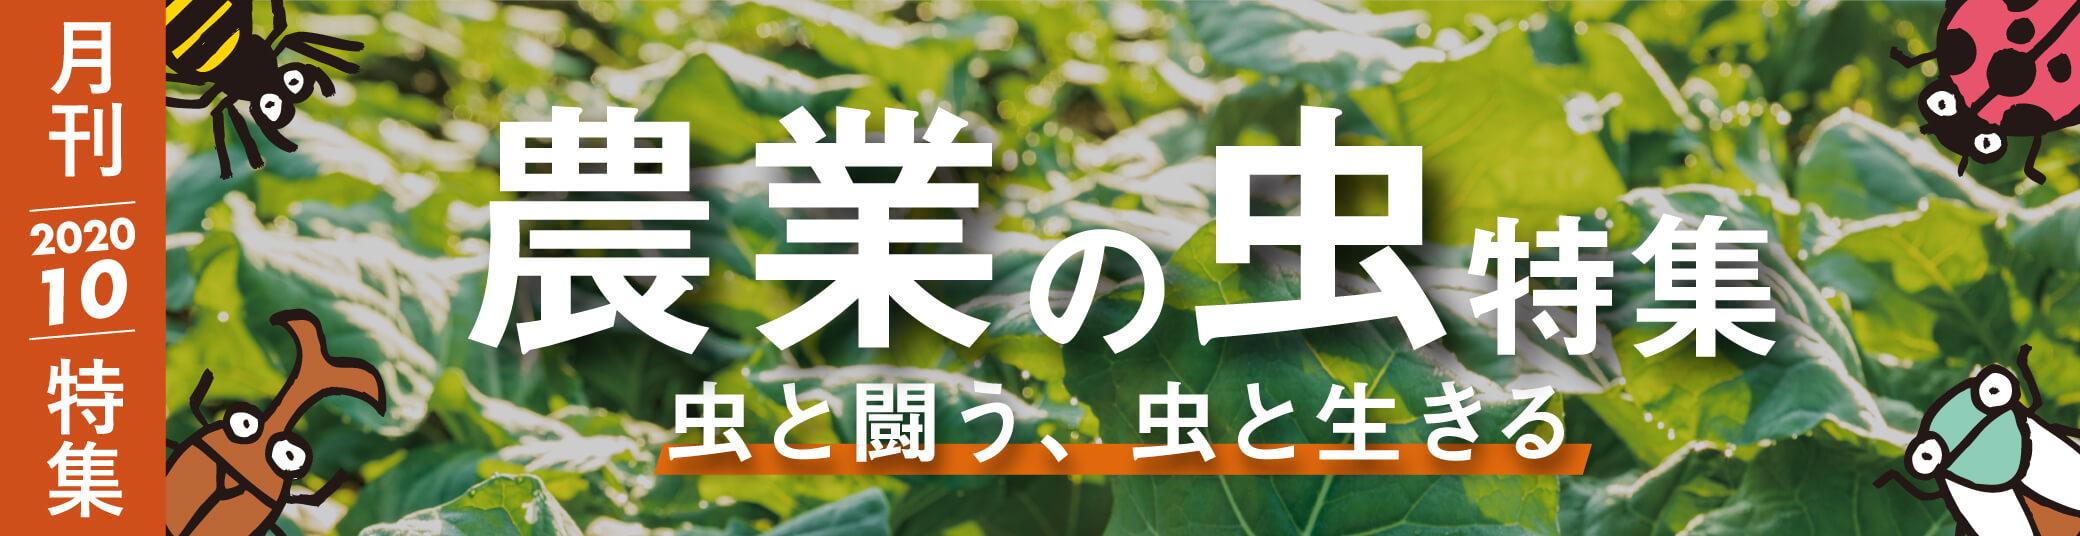 農業の虫特集